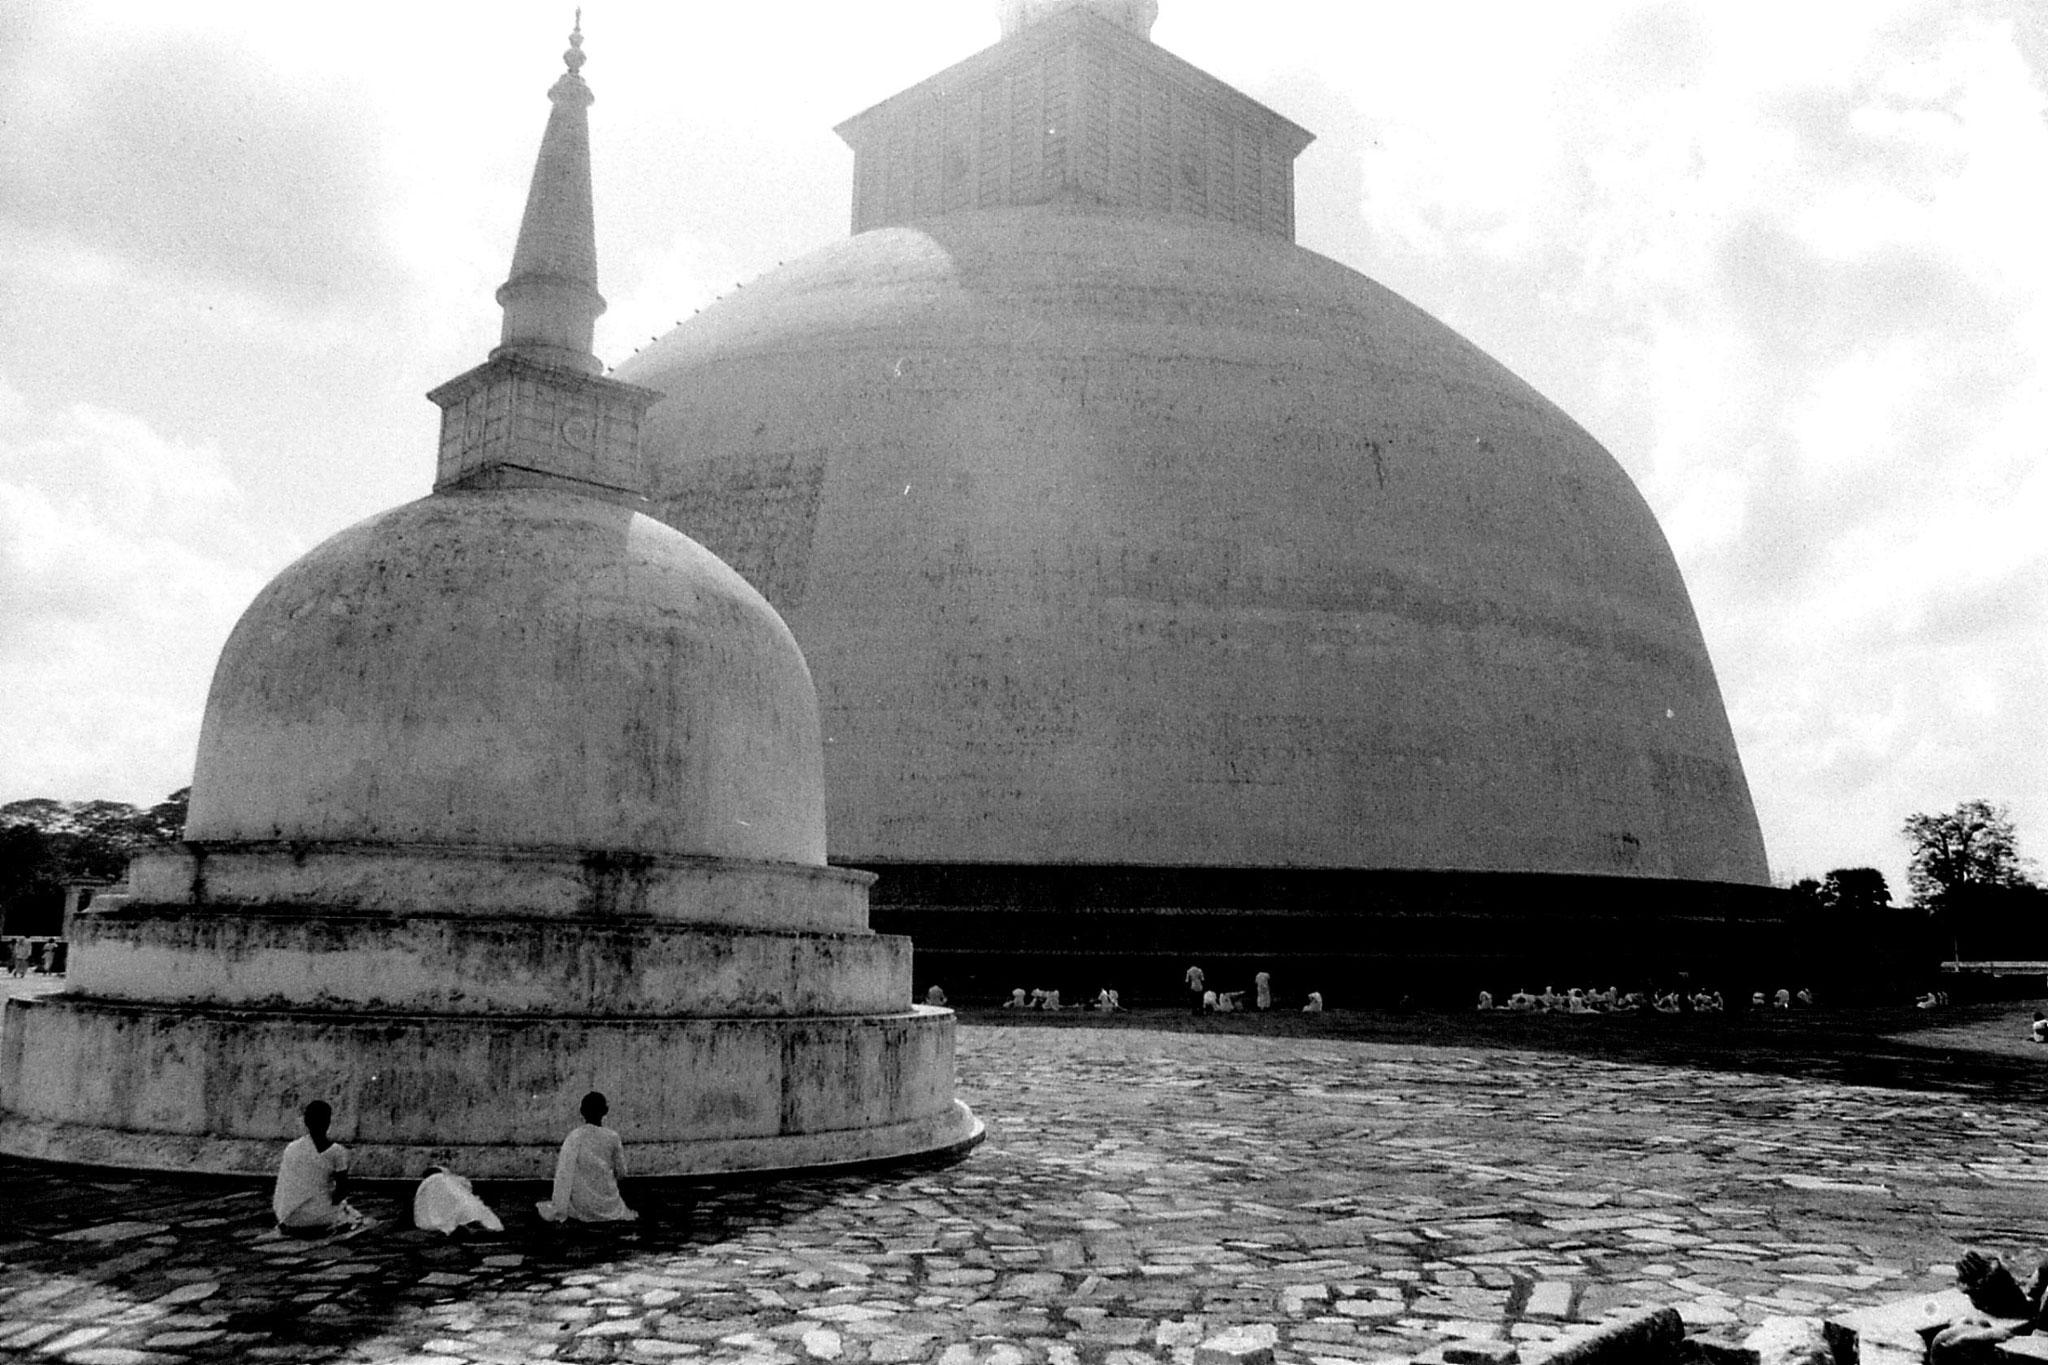 9/2/90: 25: Anuradhapura pilgrims at Ruvapvelisiya dagoba